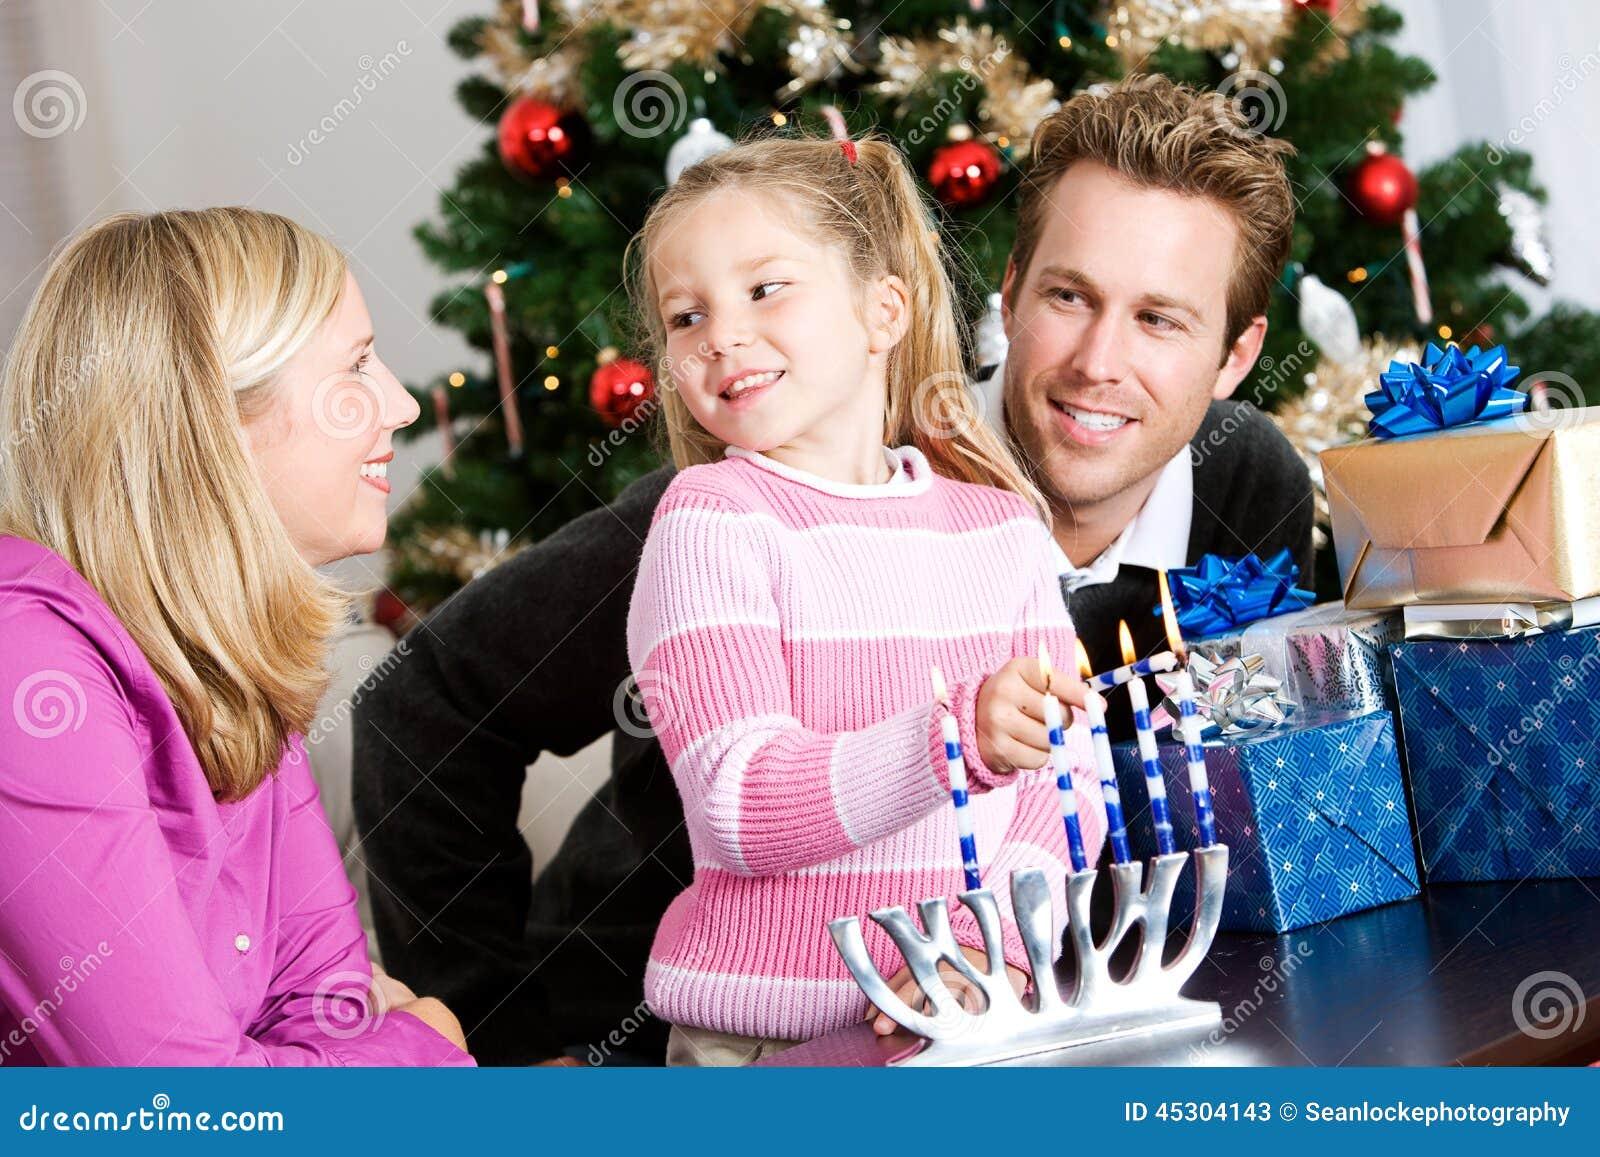 Holidays: Fun Family Time Lighting Menorah